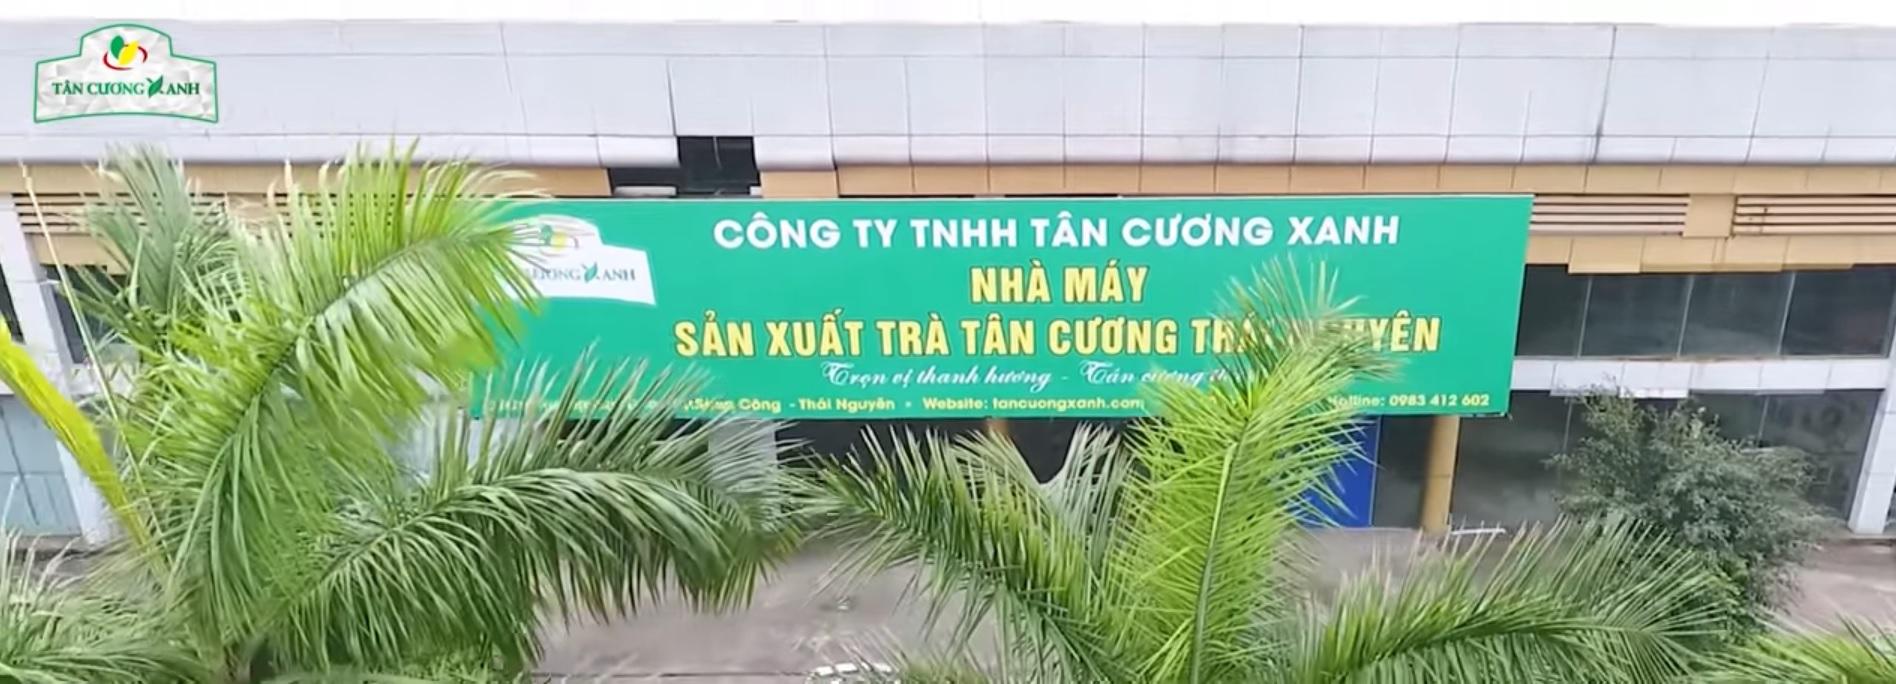 nha may tra Tan Cuong Xanh.jpg